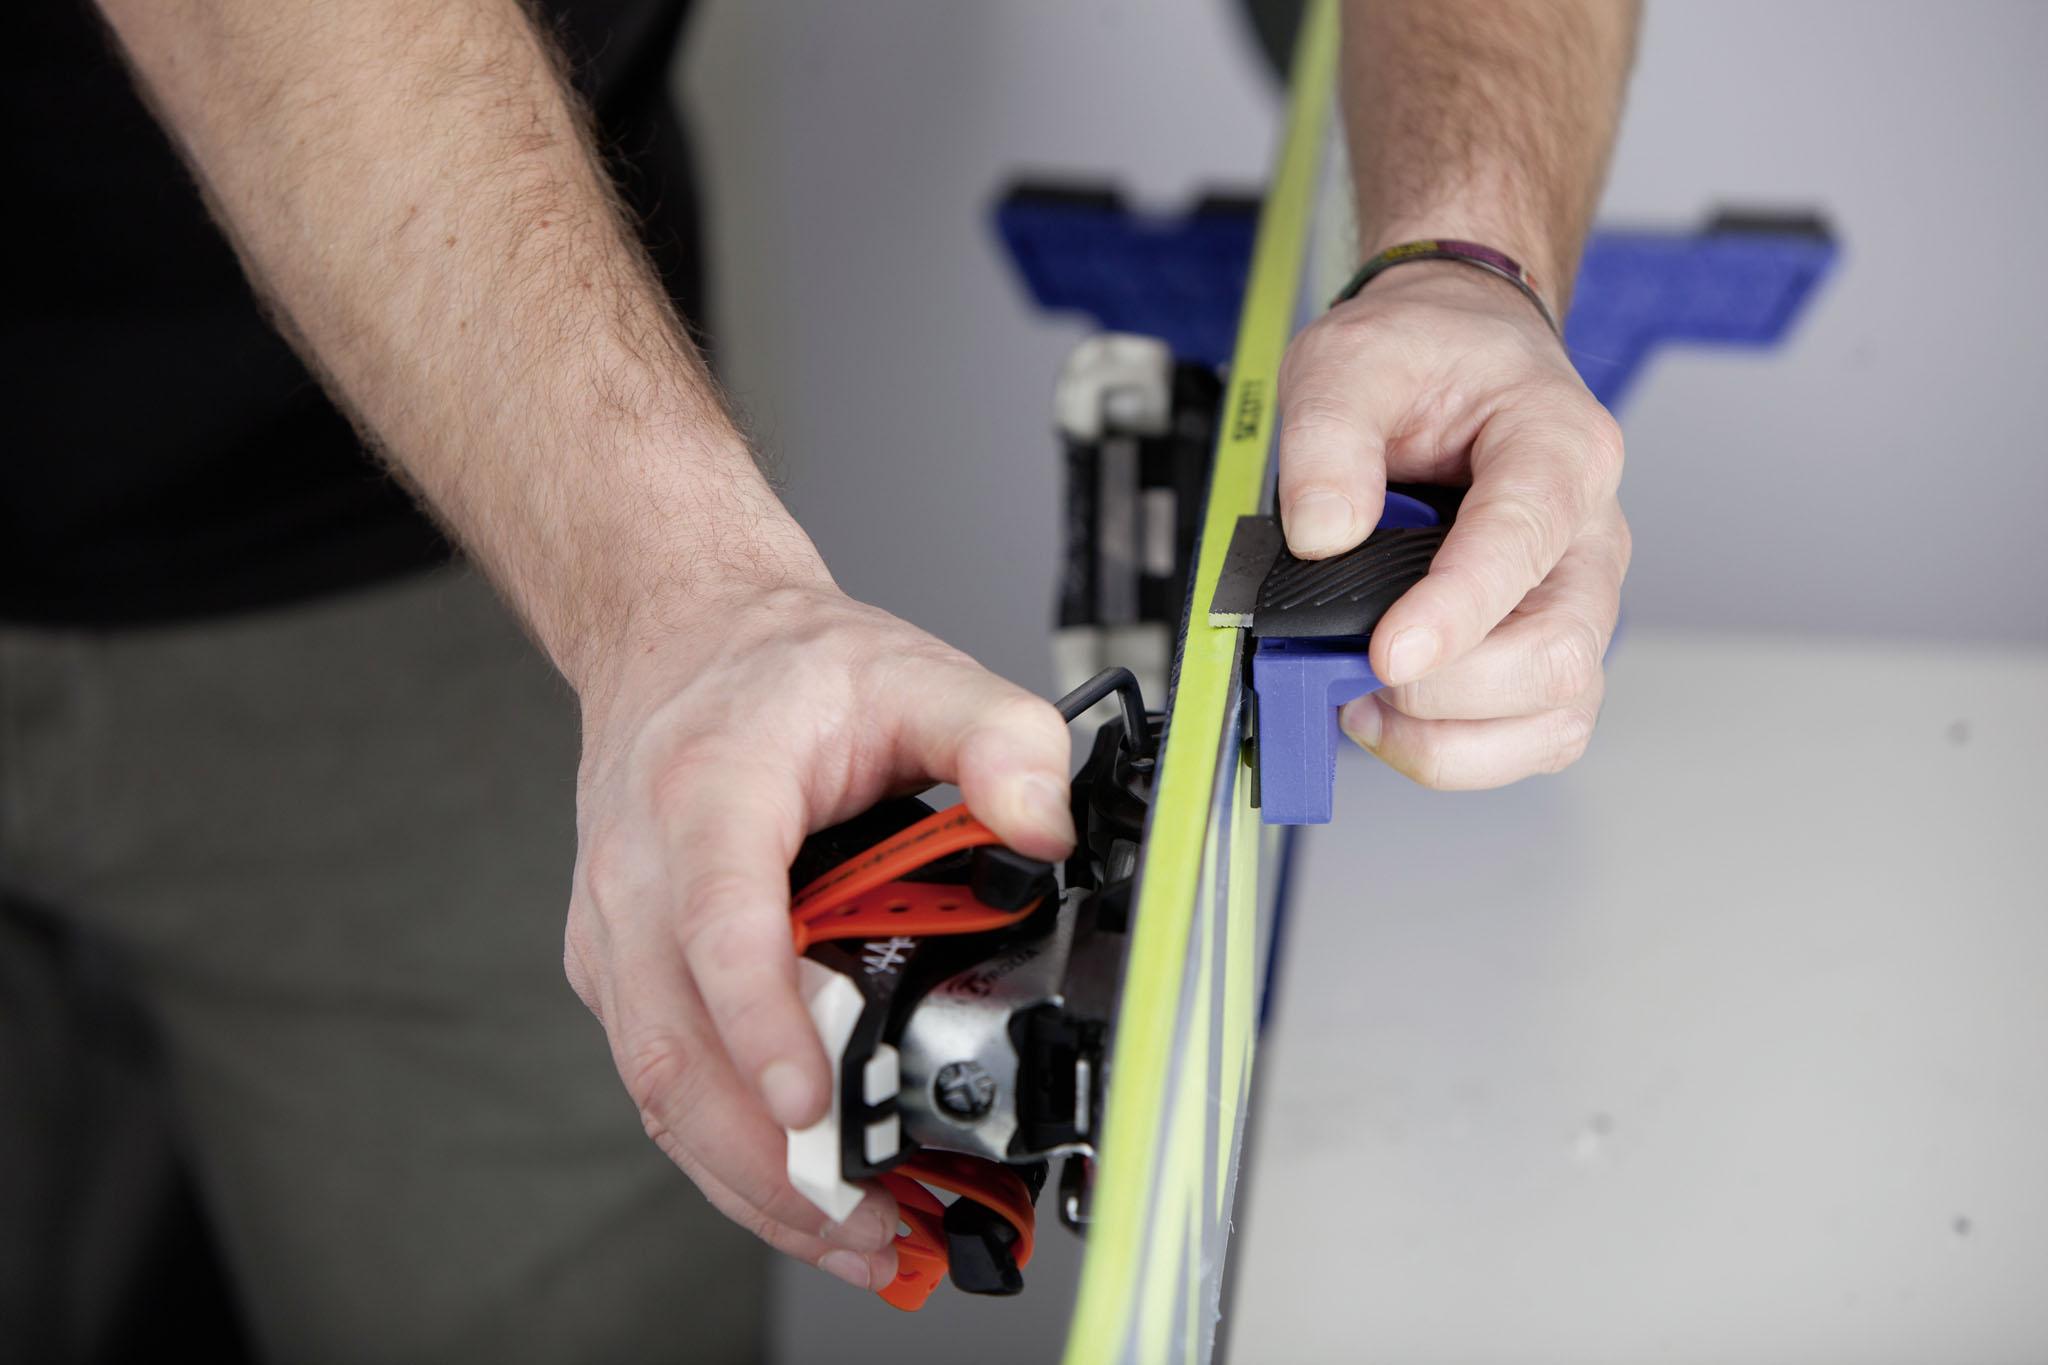 Für das Schleifen der Skikante empfehlen wir ein passendes Tool, da der Winkel mit 88 bis 90 Grad sehr genau eingestellt werden muss, ansonsten droht ein Verlust der sonst guten Fahrperformance eures Skis.